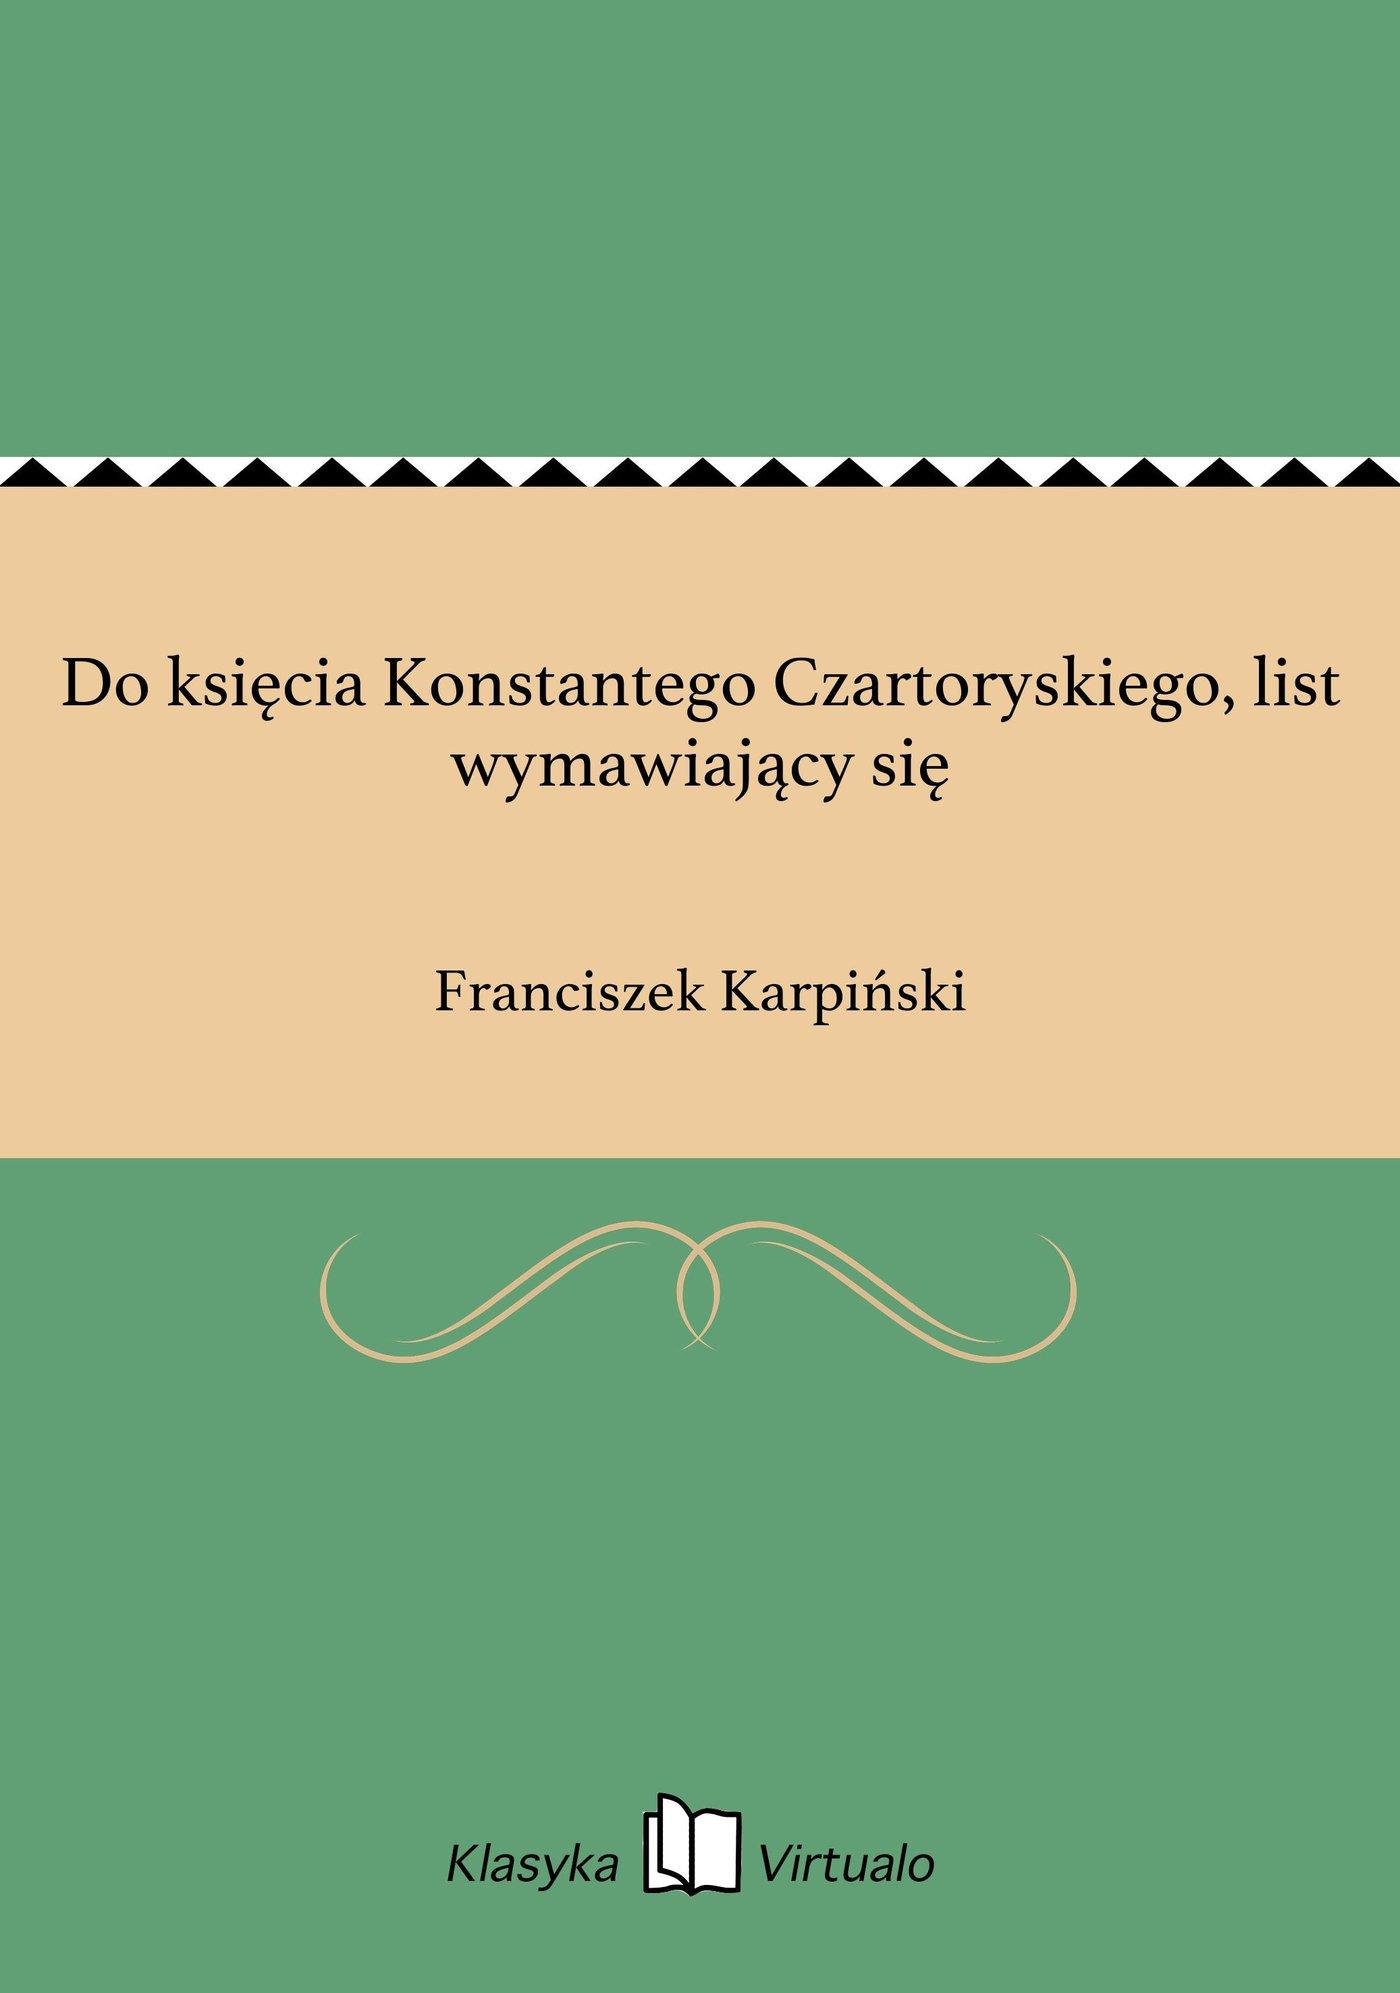 Do księcia Konstantego Czartoryskiego, list wymawiający się - Ebook (Książka EPUB) do pobrania w formacie EPUB